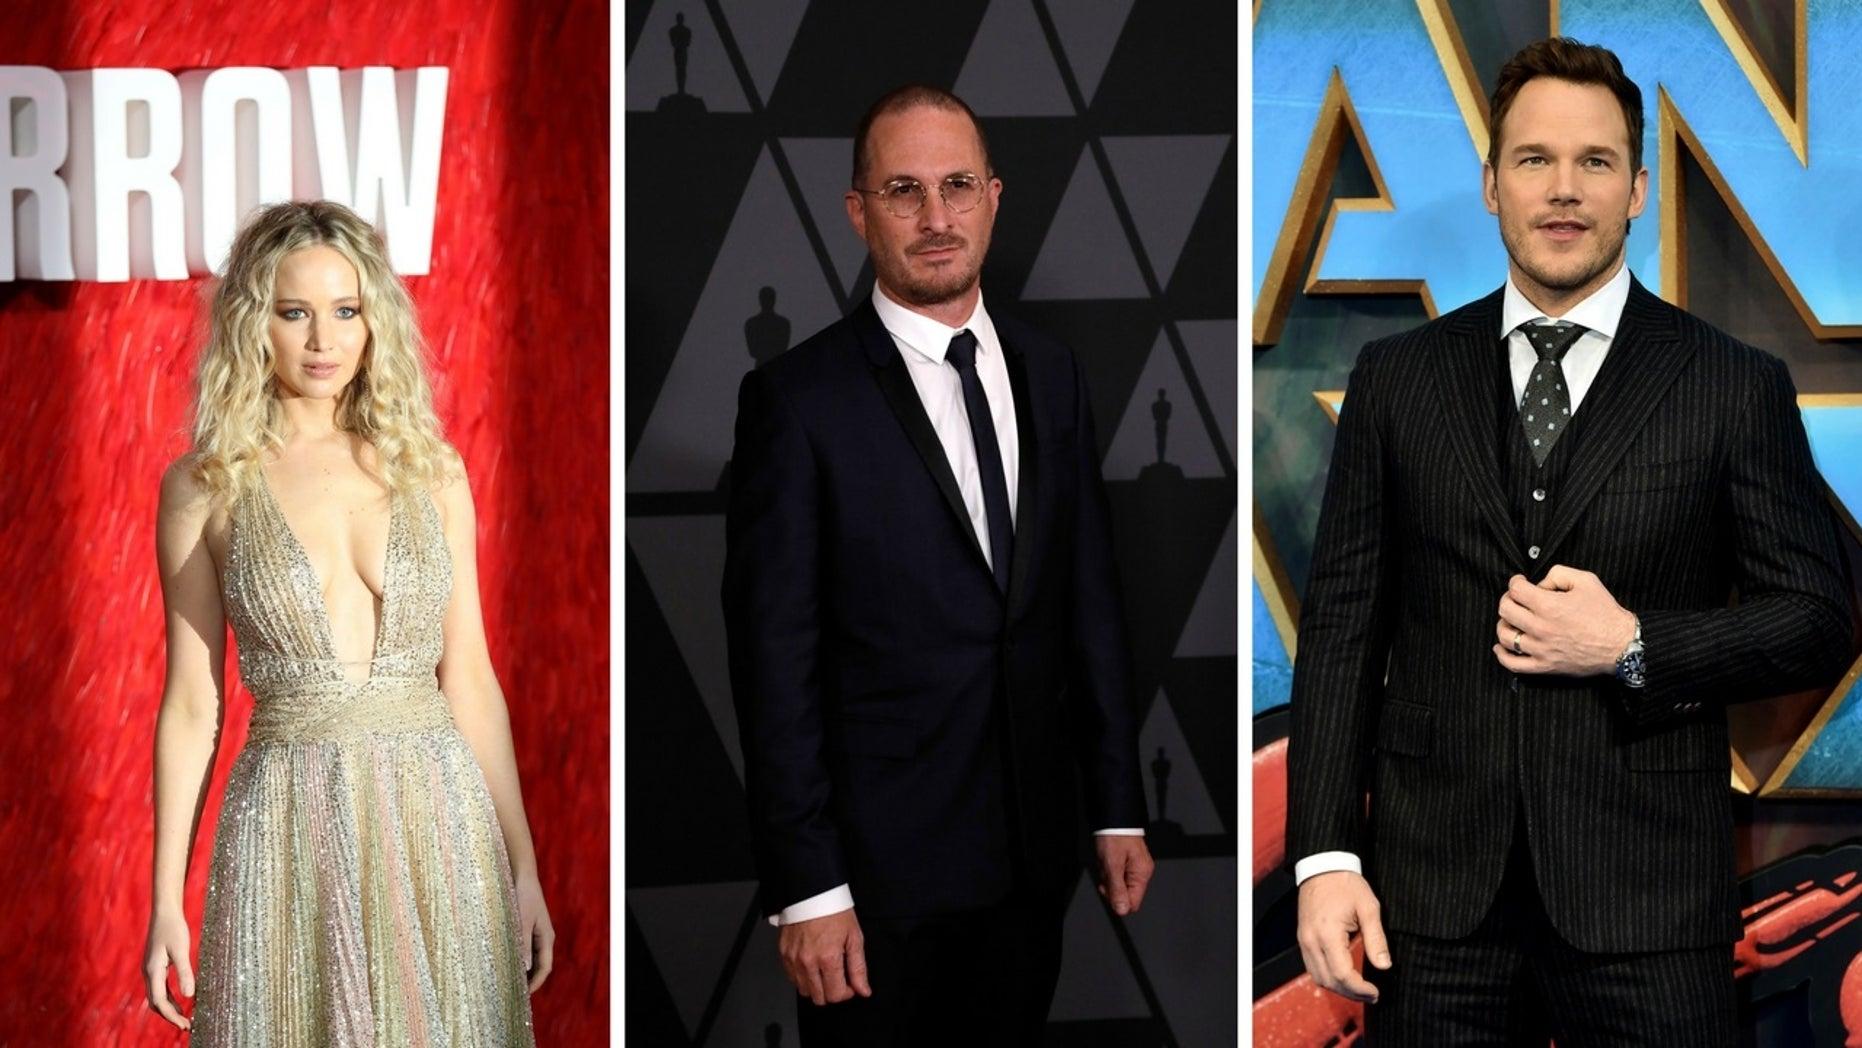 Jennifer Lawrence said she still loves her ex-boyfriend Darren Aronofsky (center) and addressed Chris Pratt cheating rumors.